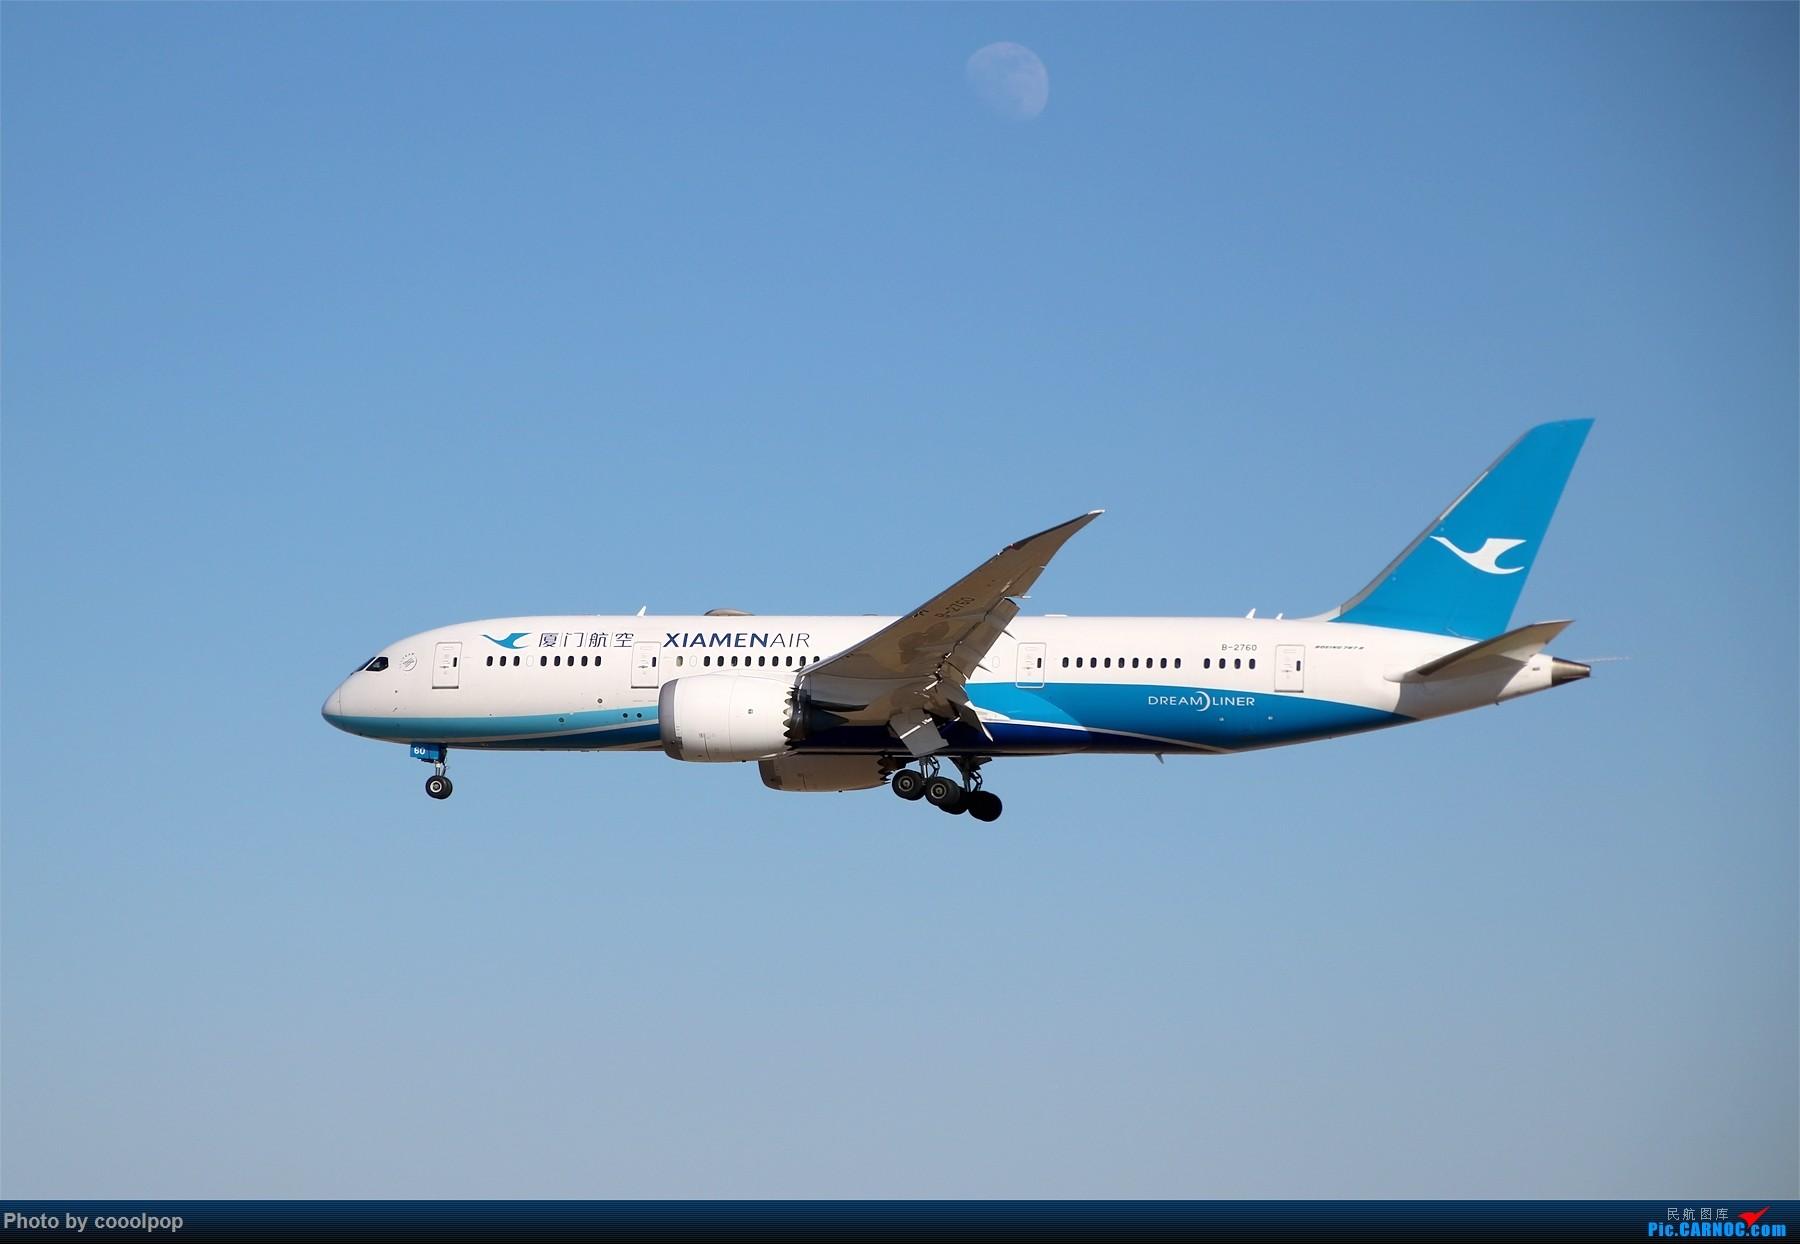 Re:[原创]PEK T3 桥上的一些大鸟!牌彩绘是要拼人品哒! BOEING 787-8 B-2760 中国北京首都国际机场